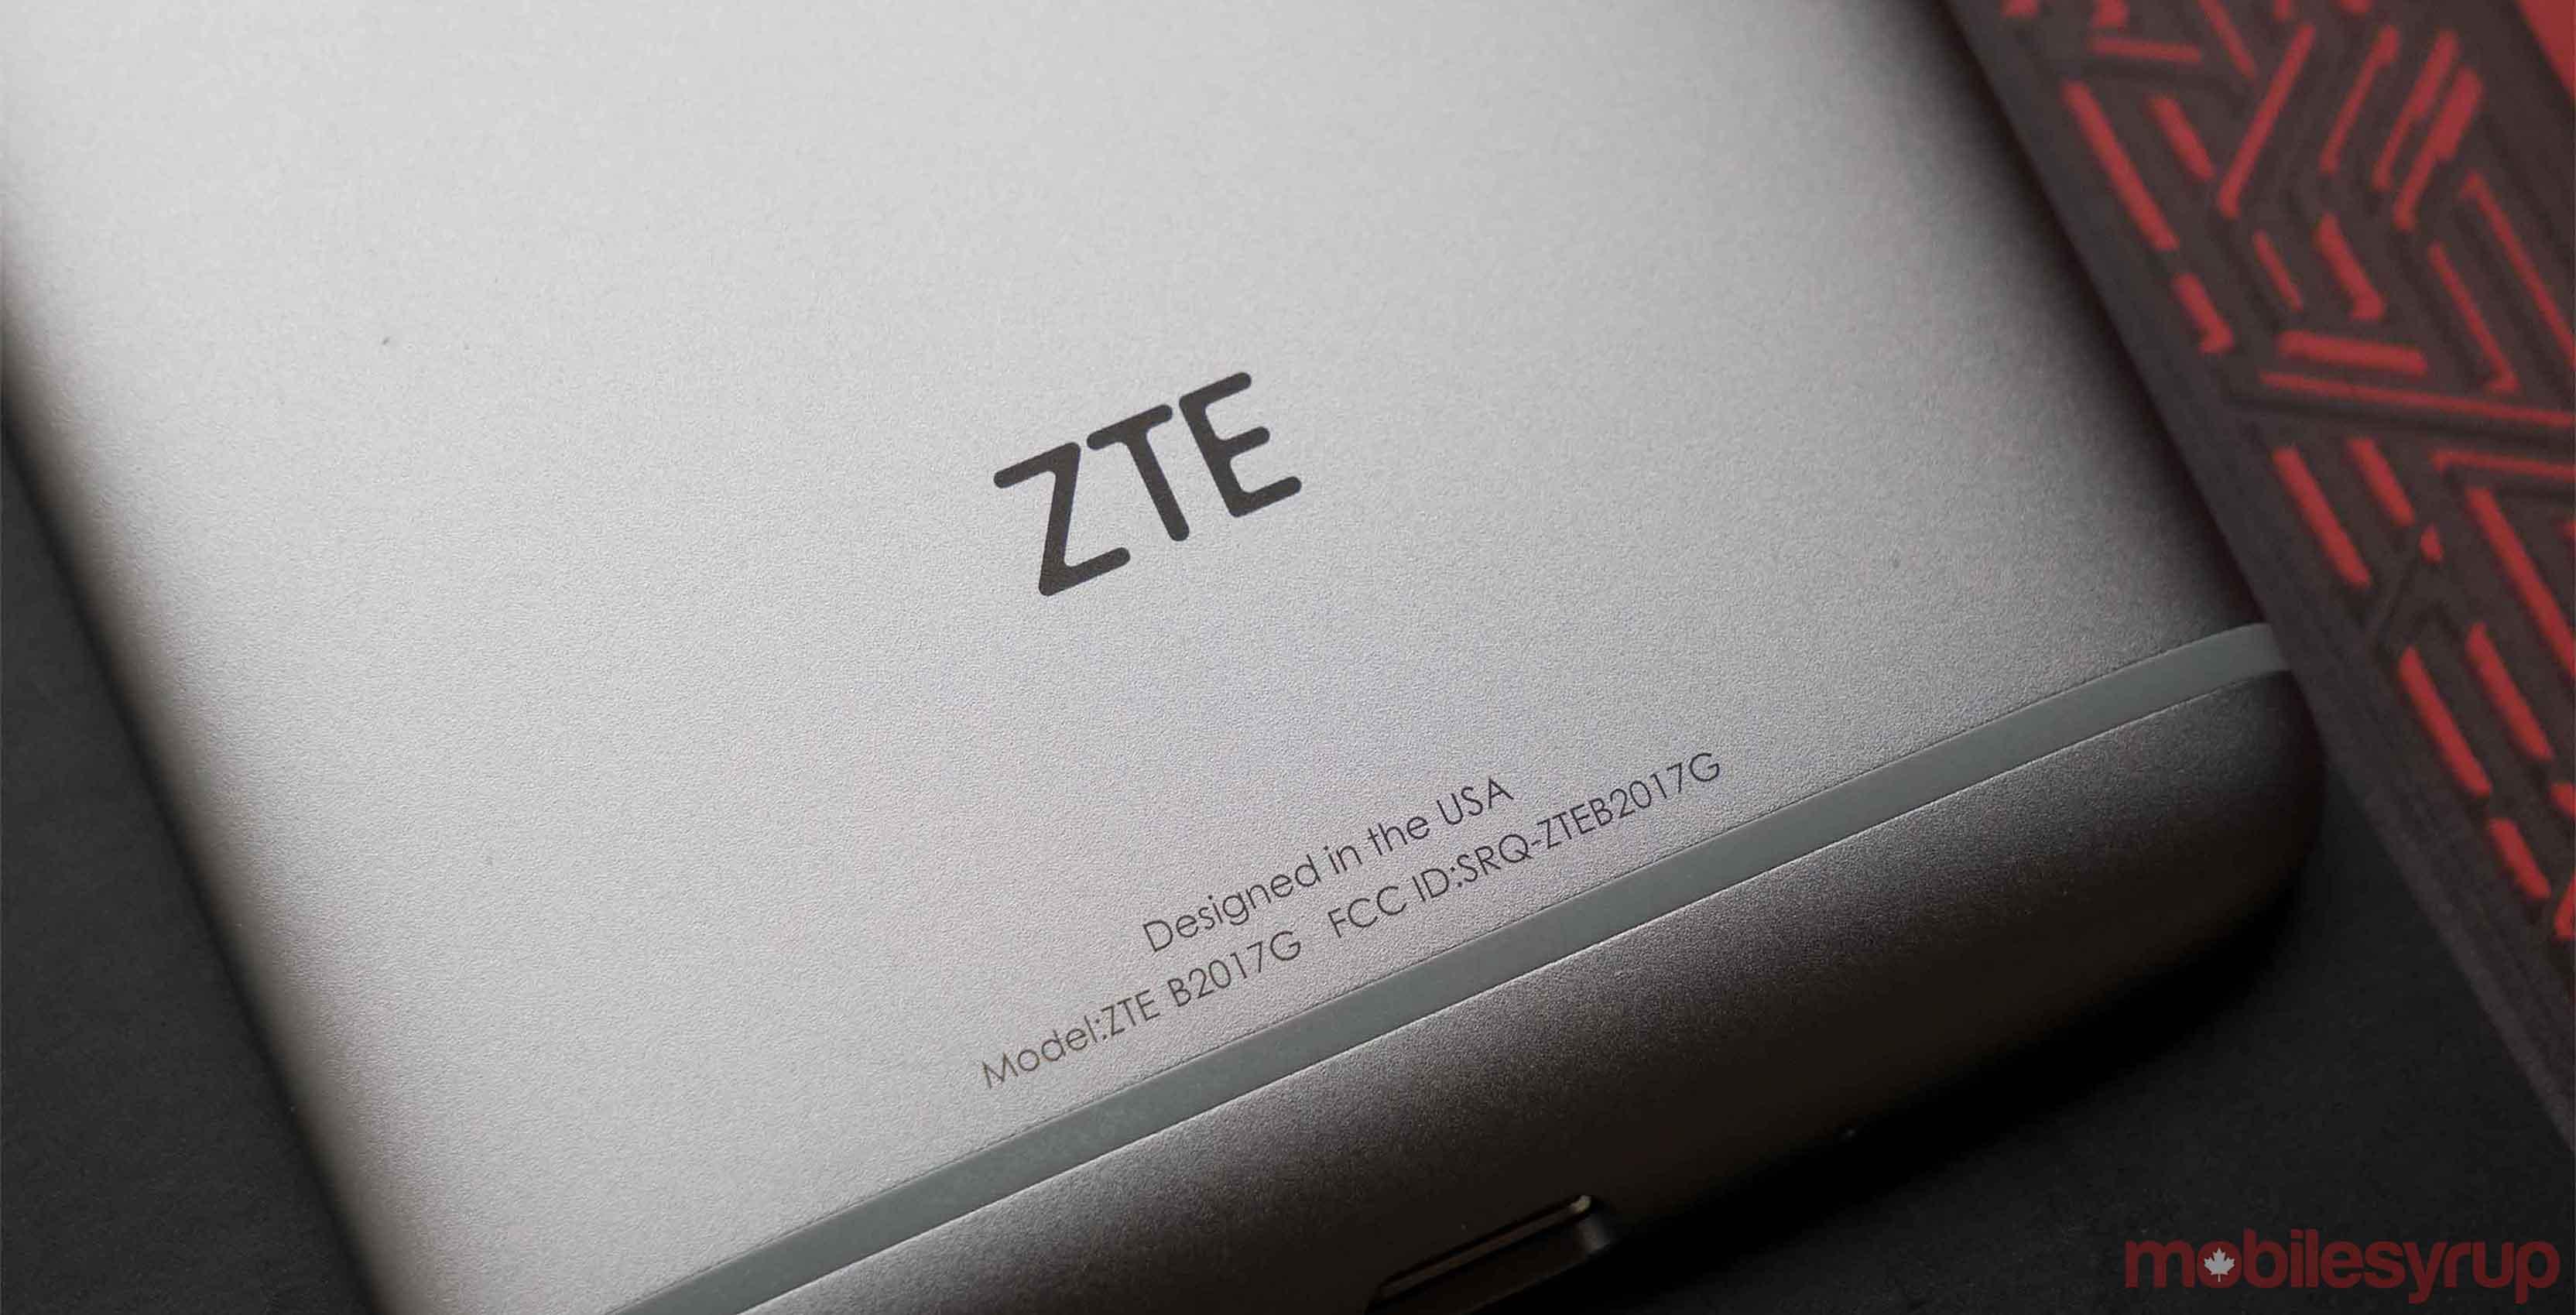 ZTE Axon 7 Mini smartphone